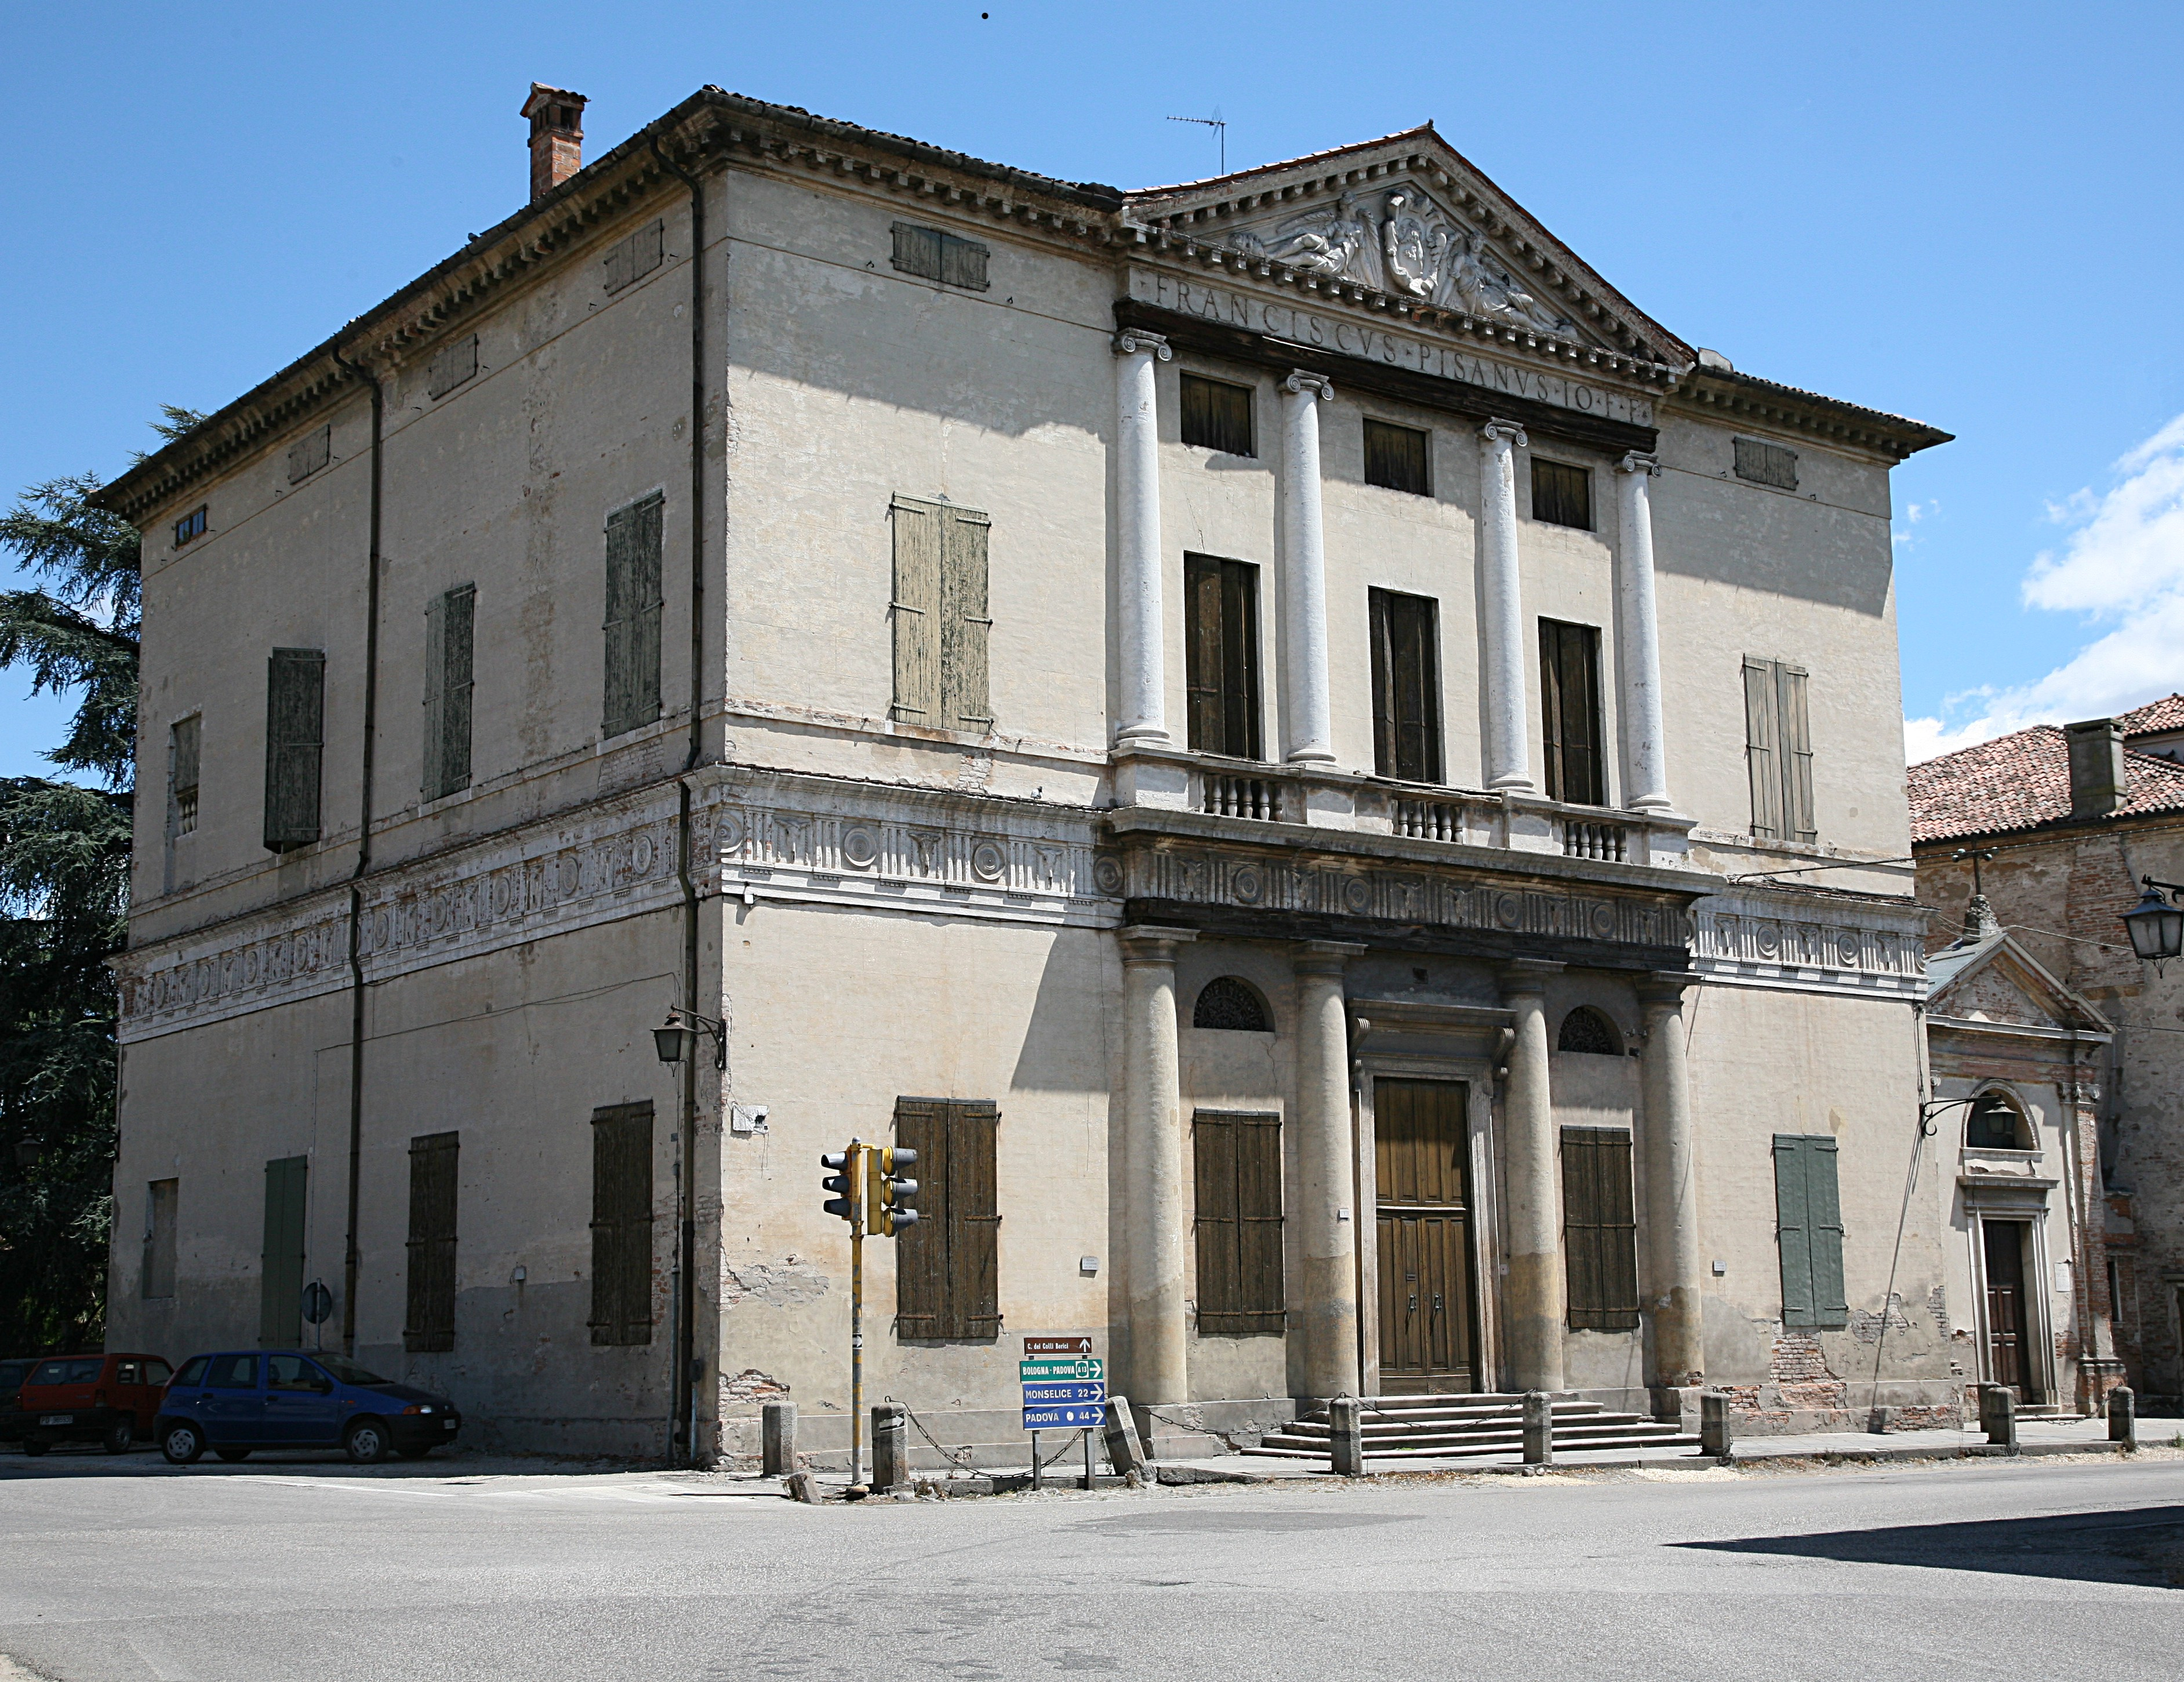 Villa Pisani, Montagnana<br /><br />Francesco Pisani kardinális kérésére készítette a terveket Palladio 1552-ben, a villa Montagnana város falain kívül található. Érdekessége, hogy a városi homlokzat a piazzára néz, a vidéki homlokzat pedig a kertekre.<br /><br />Kép: Wikimedia Commons